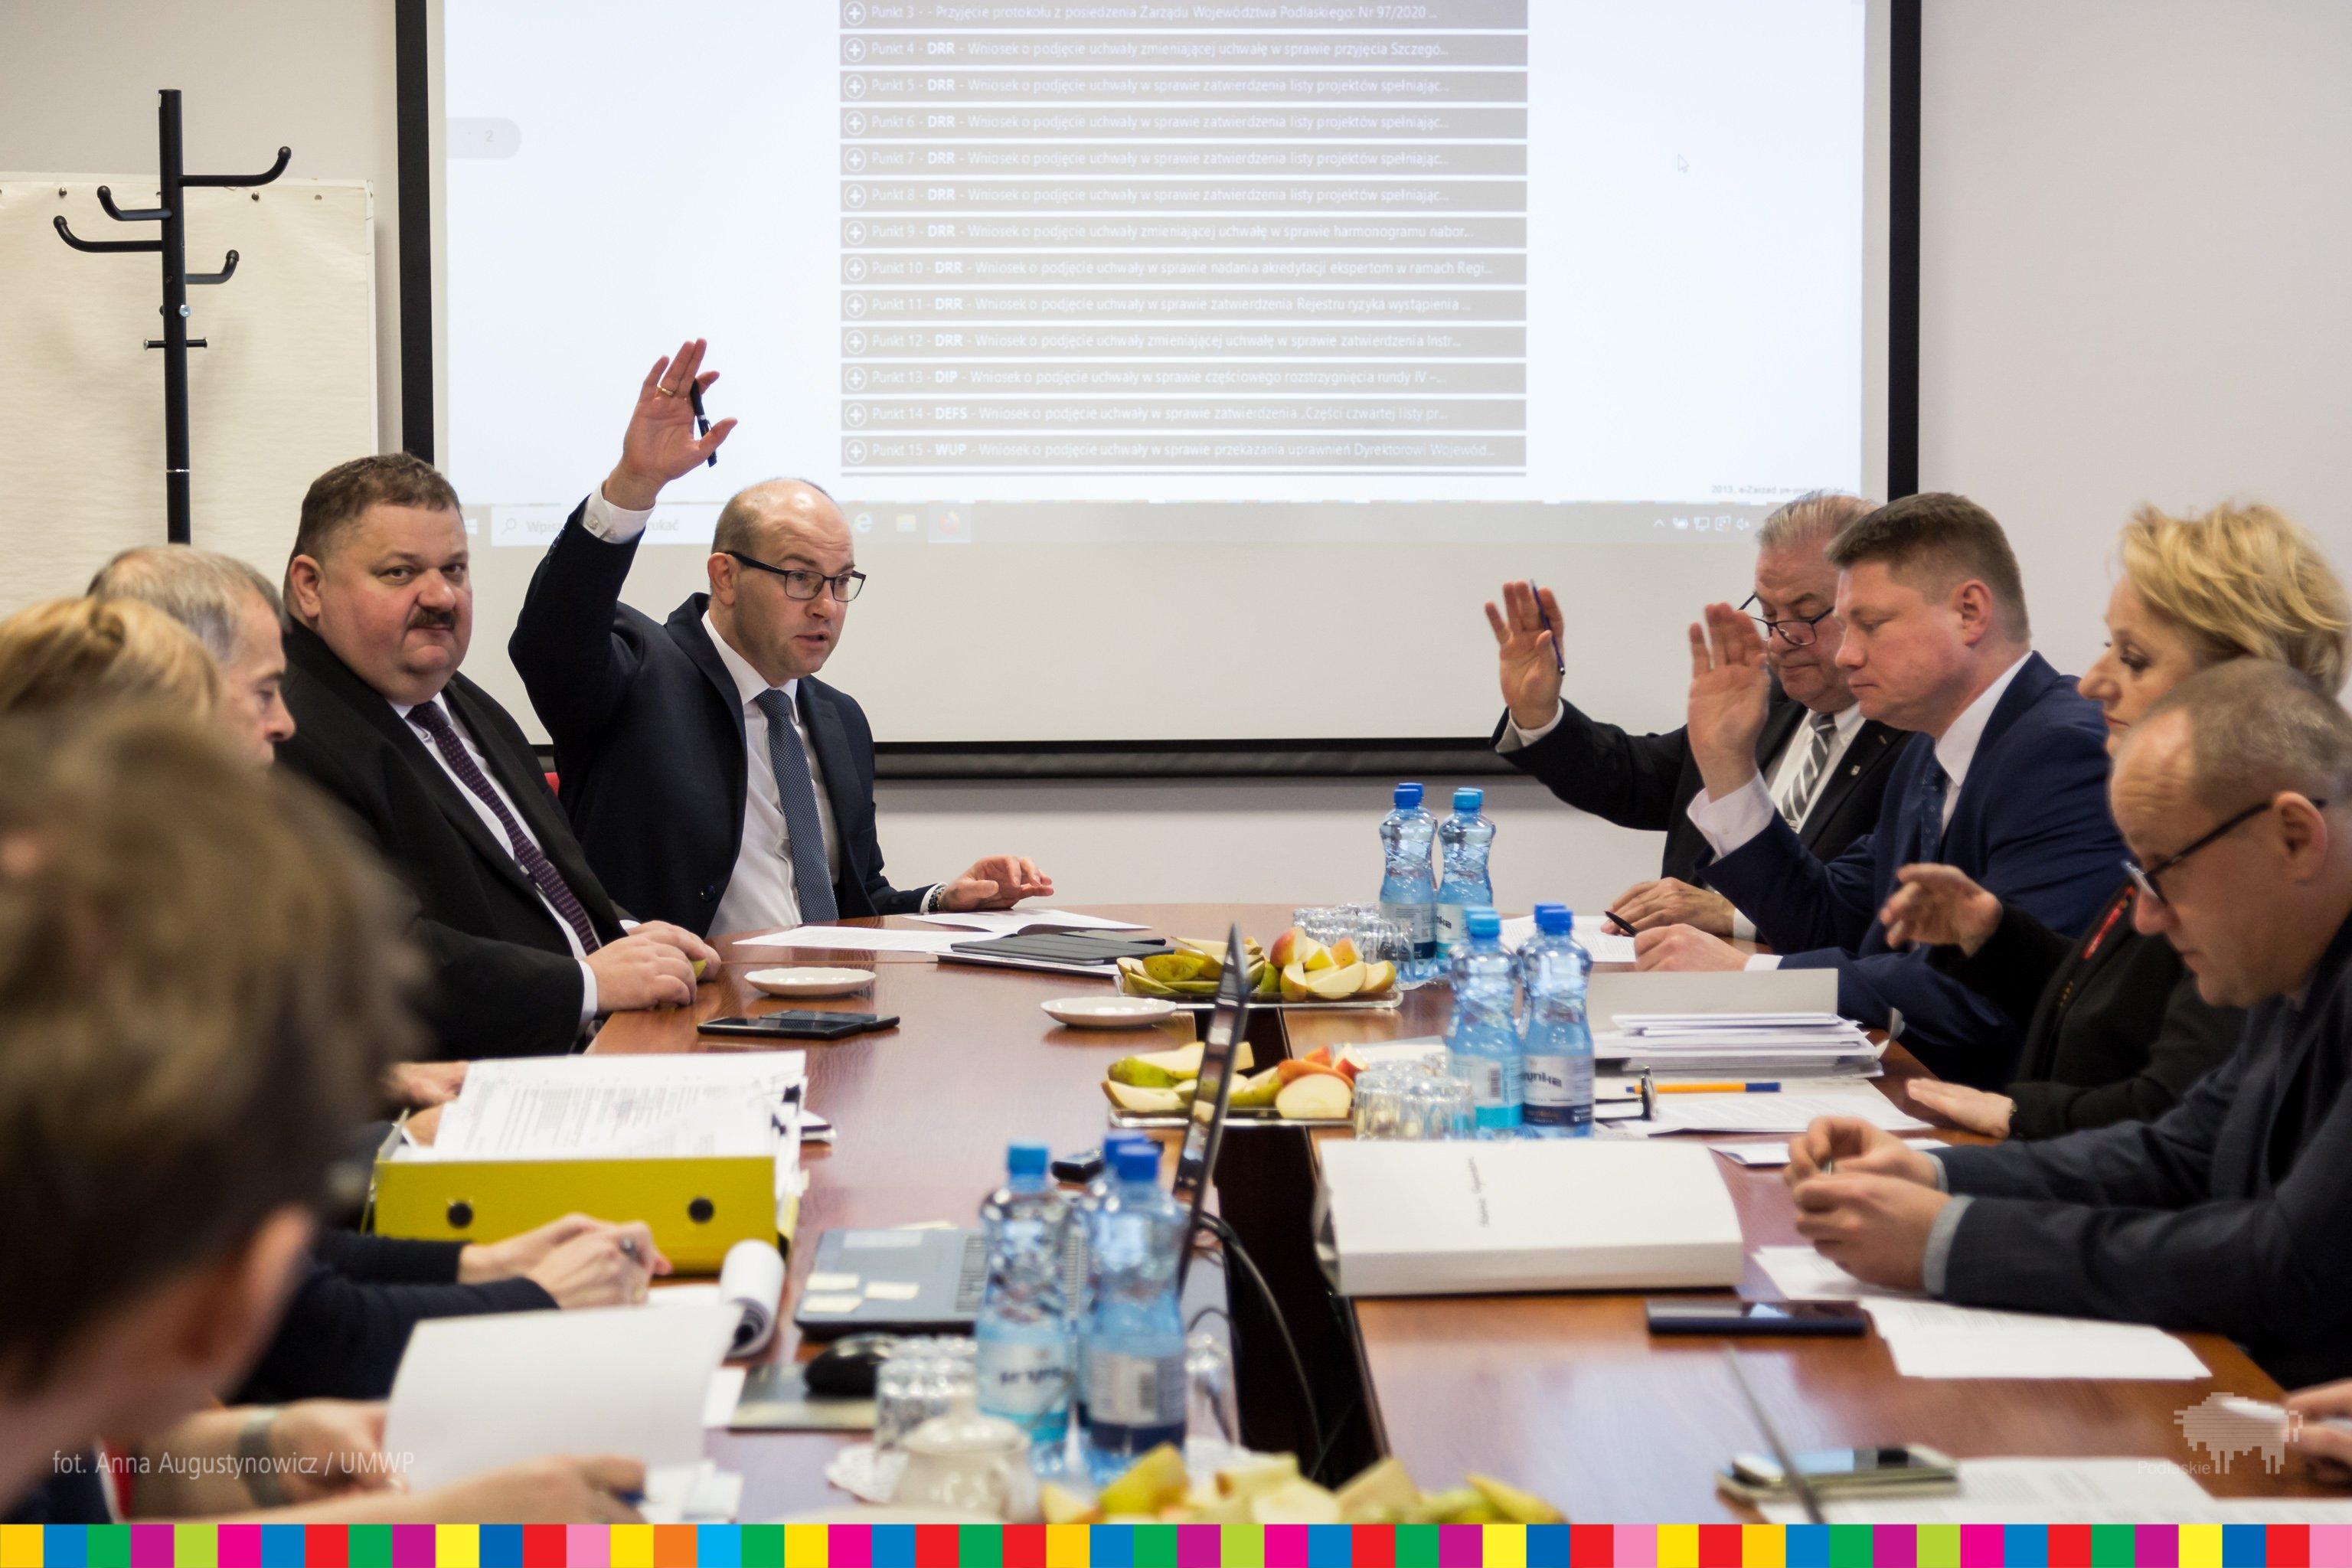 Dotacja może być udzielona w wysokości do 50 proc. nakładów na prace przy zabytku (fot. wrotapodlasia.pl/ Anna Augustynowicz)